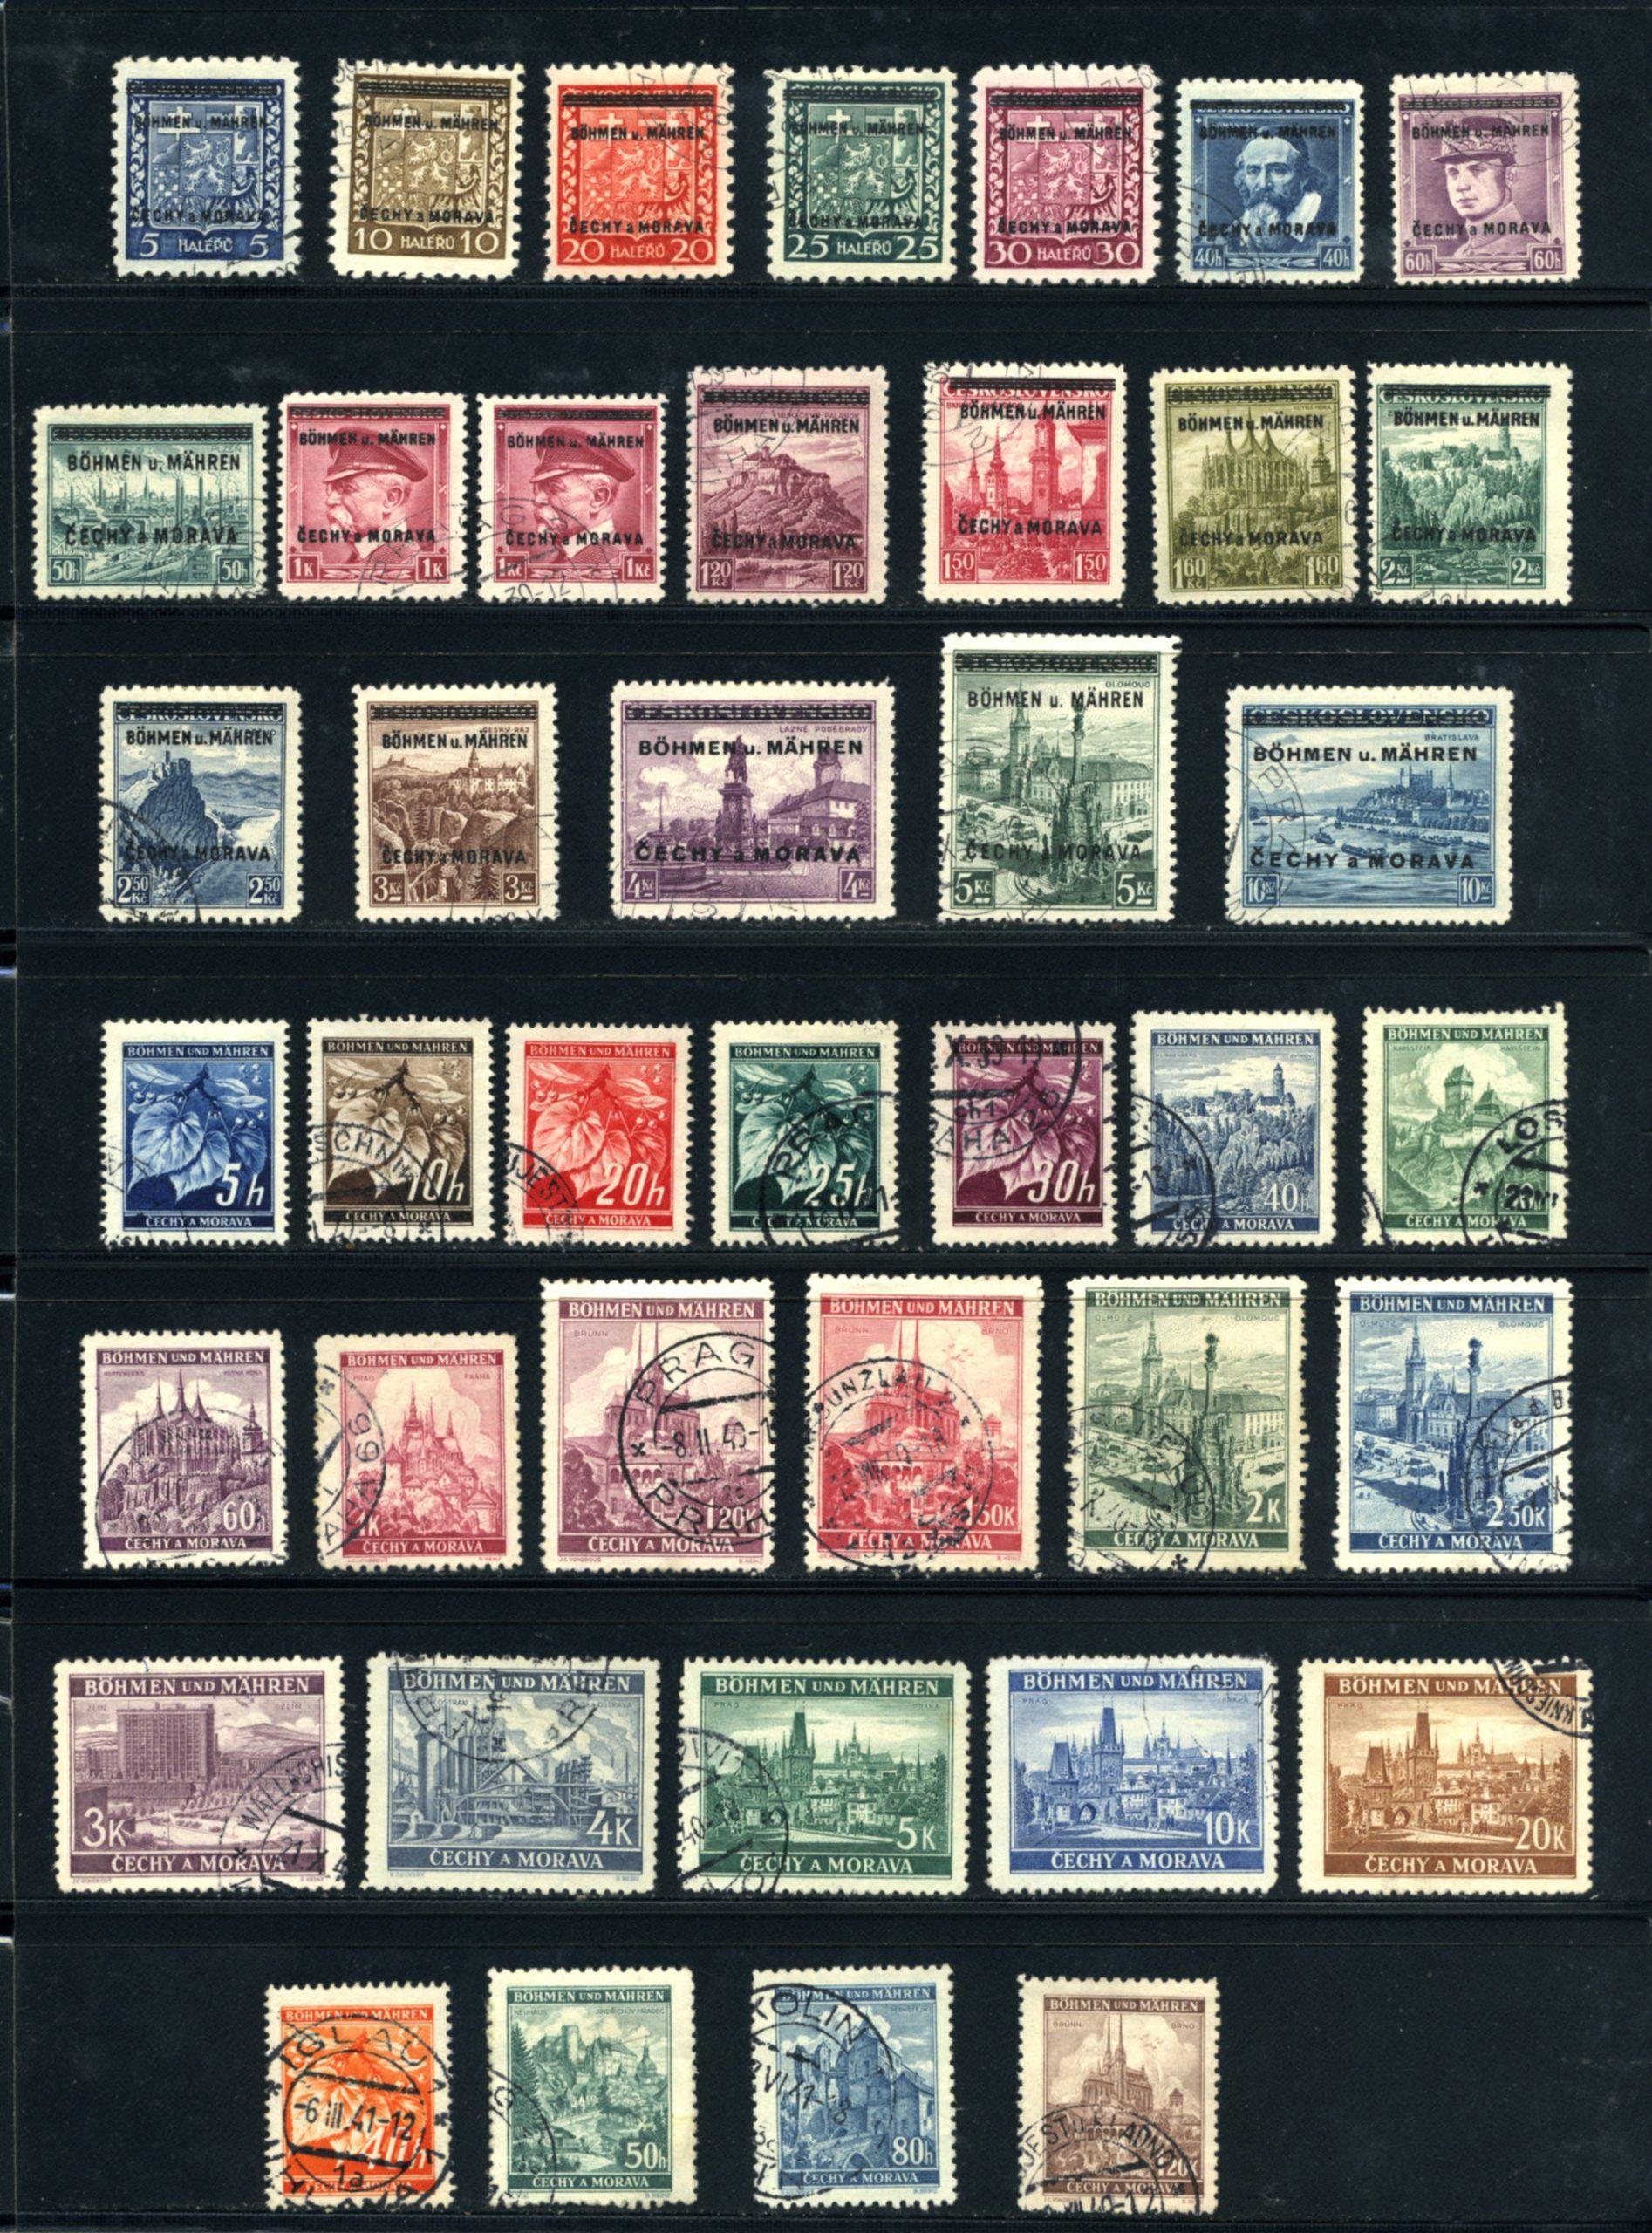 Komplet znaczków Protektorat Böhmen und Mähren 1-142 All stamps USED-7026